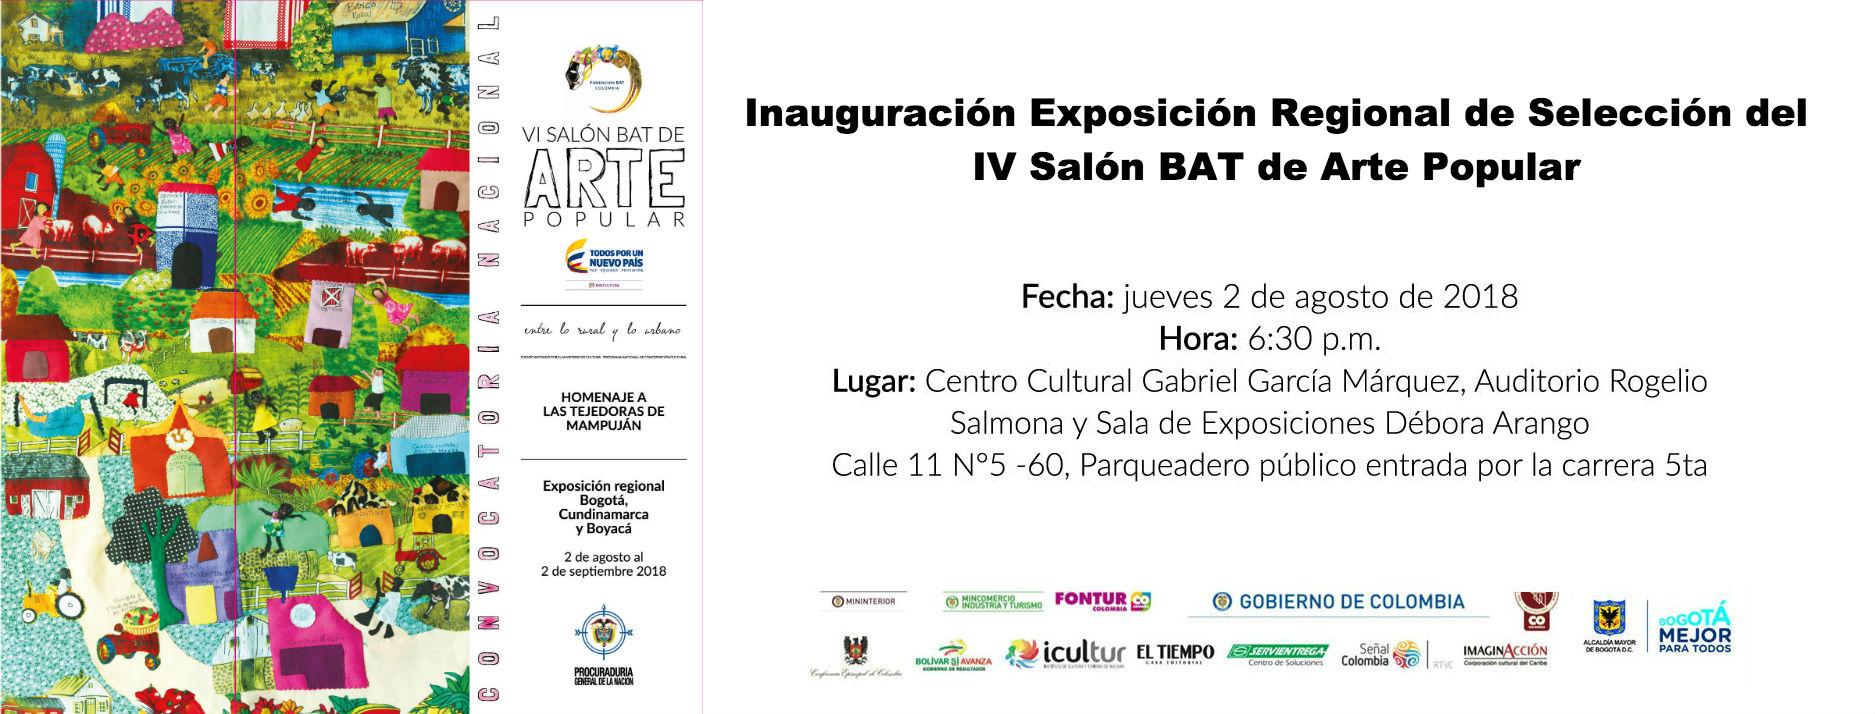 Invitación Exposición Bogotá 2 de agosto